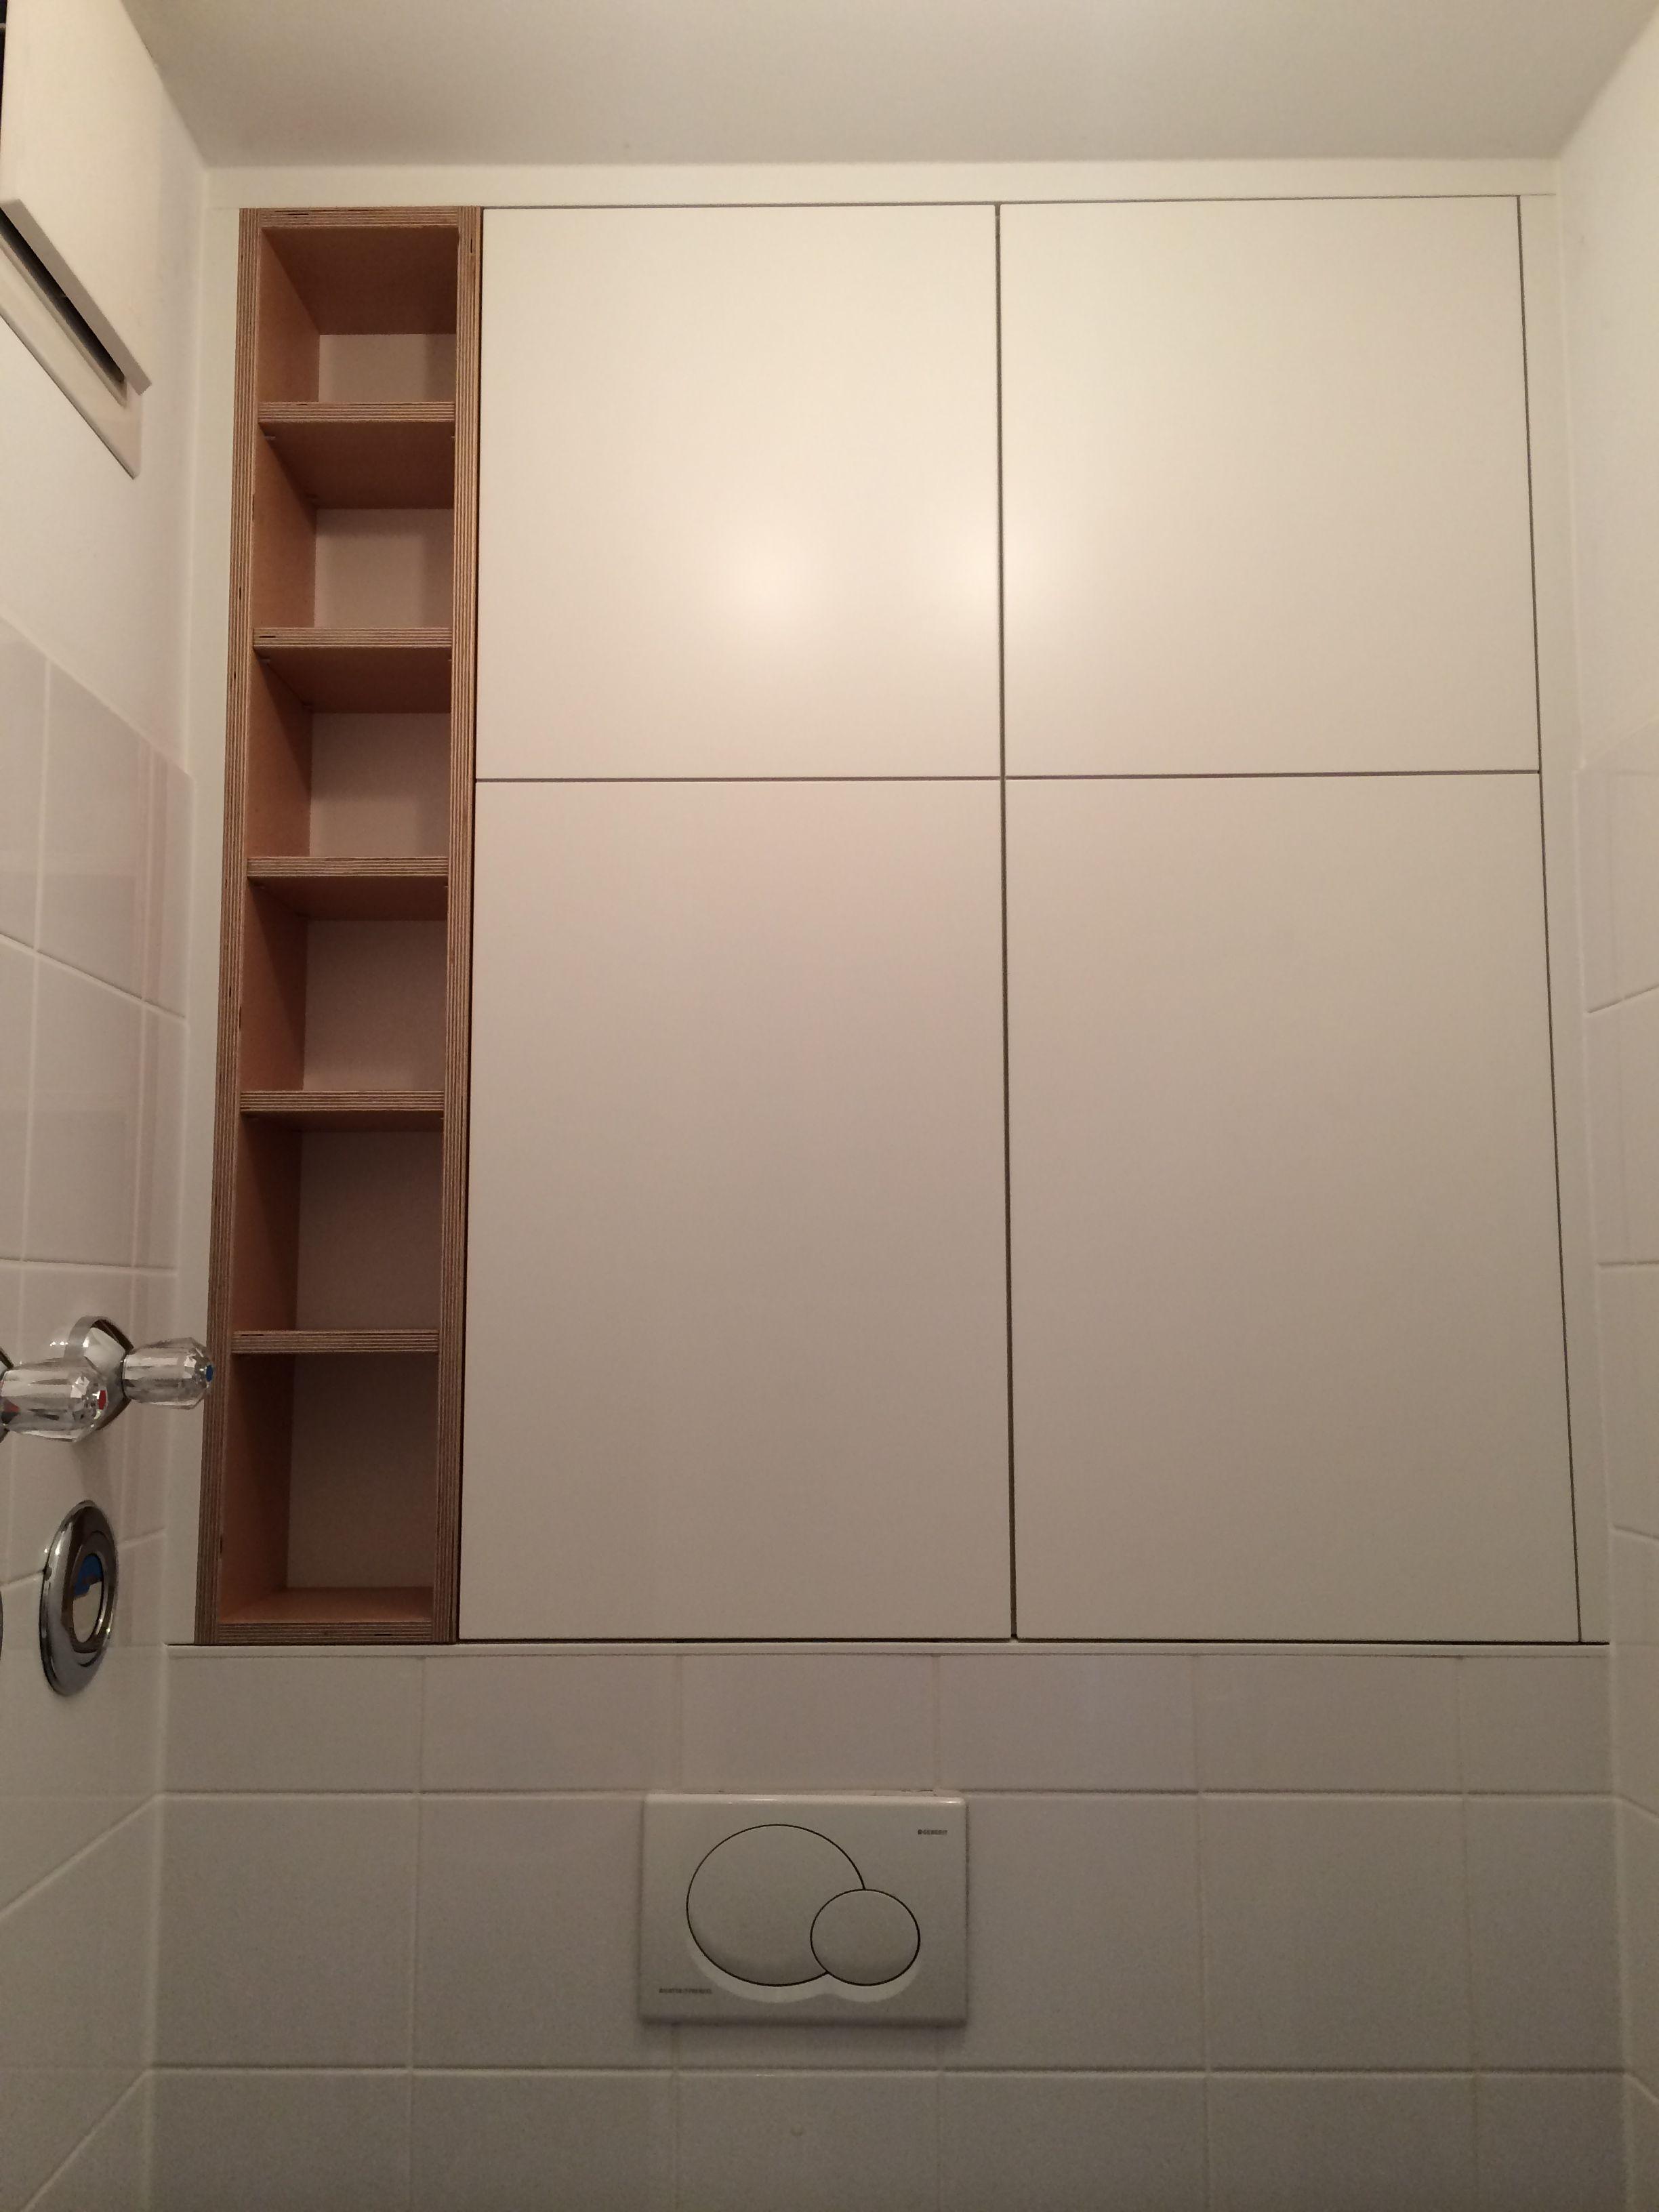 #Badschrank in weiß lackiert kombiniert mit #Eiche